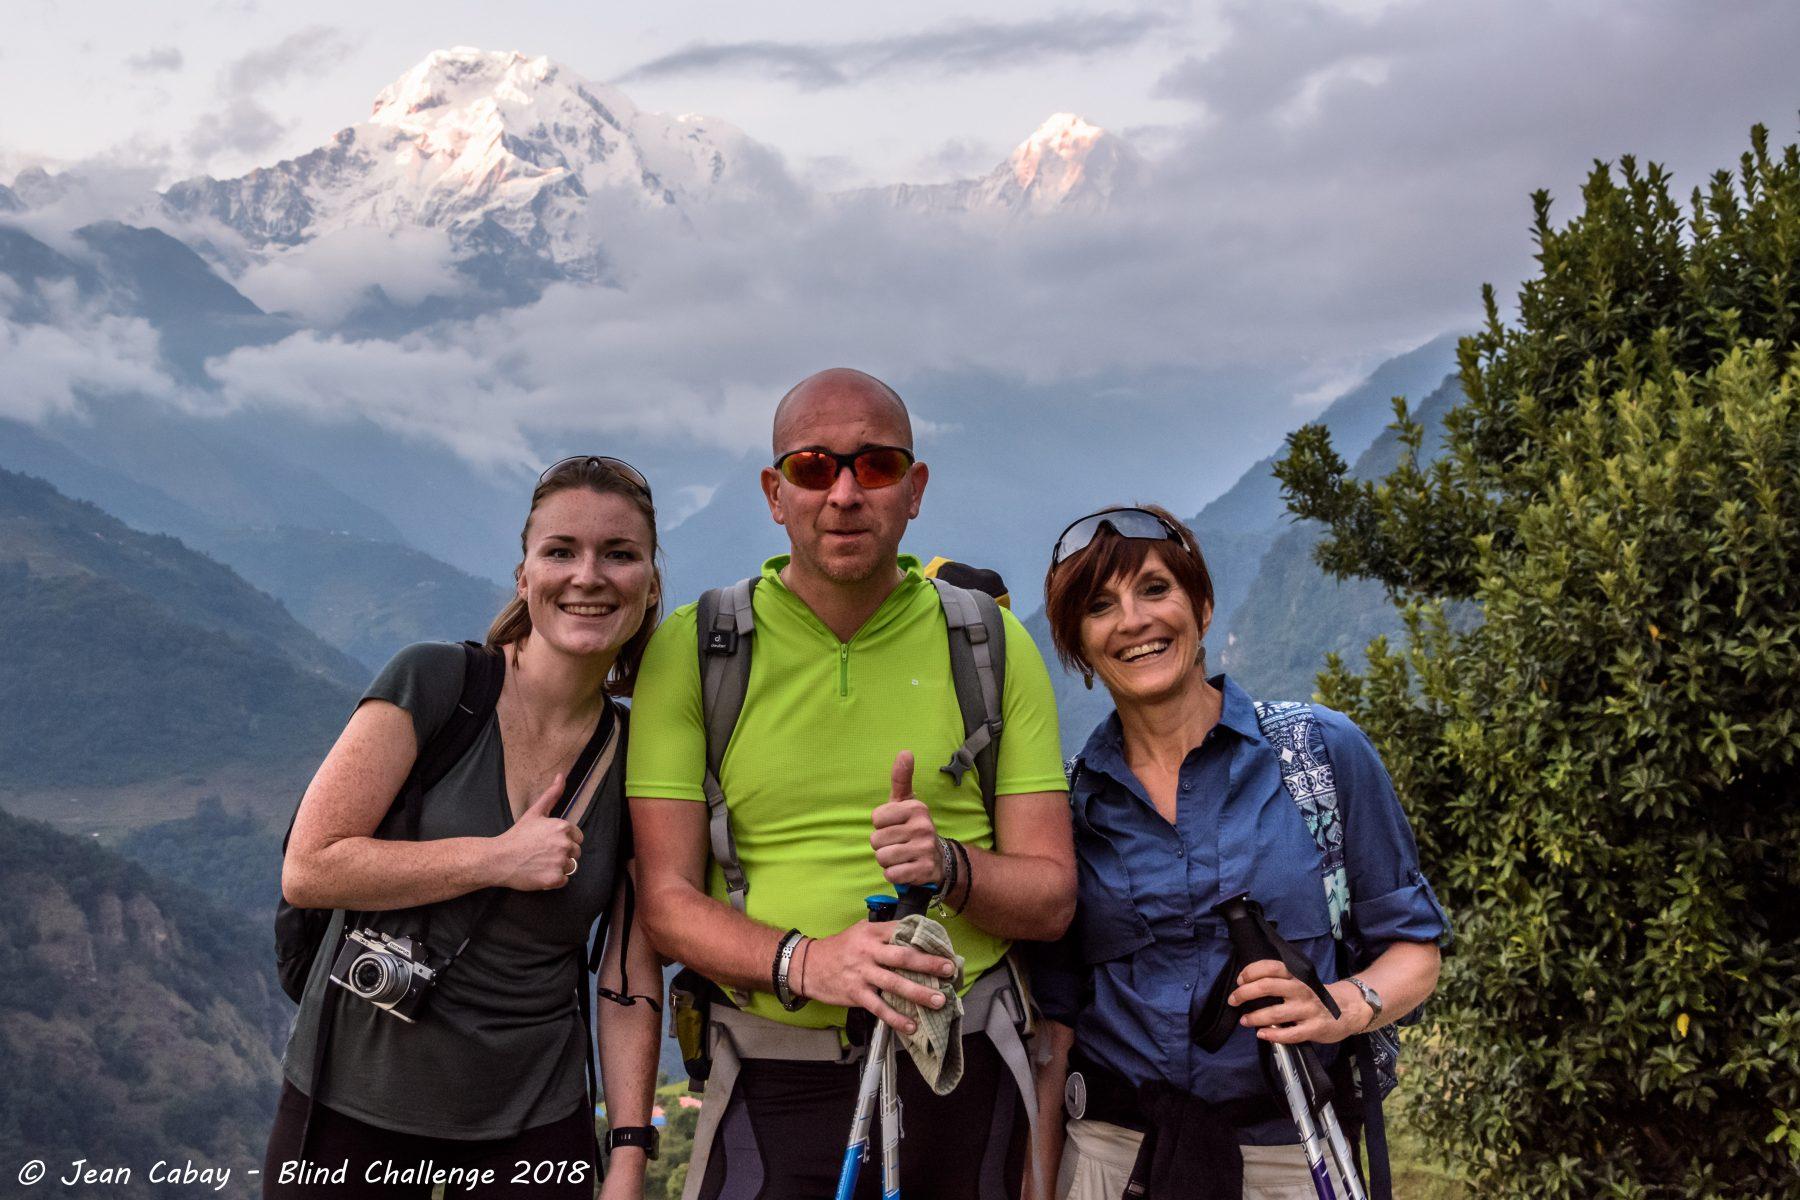 Lolo avec ses guides Julie et Sabine devant le sommet de l'Annapurna South